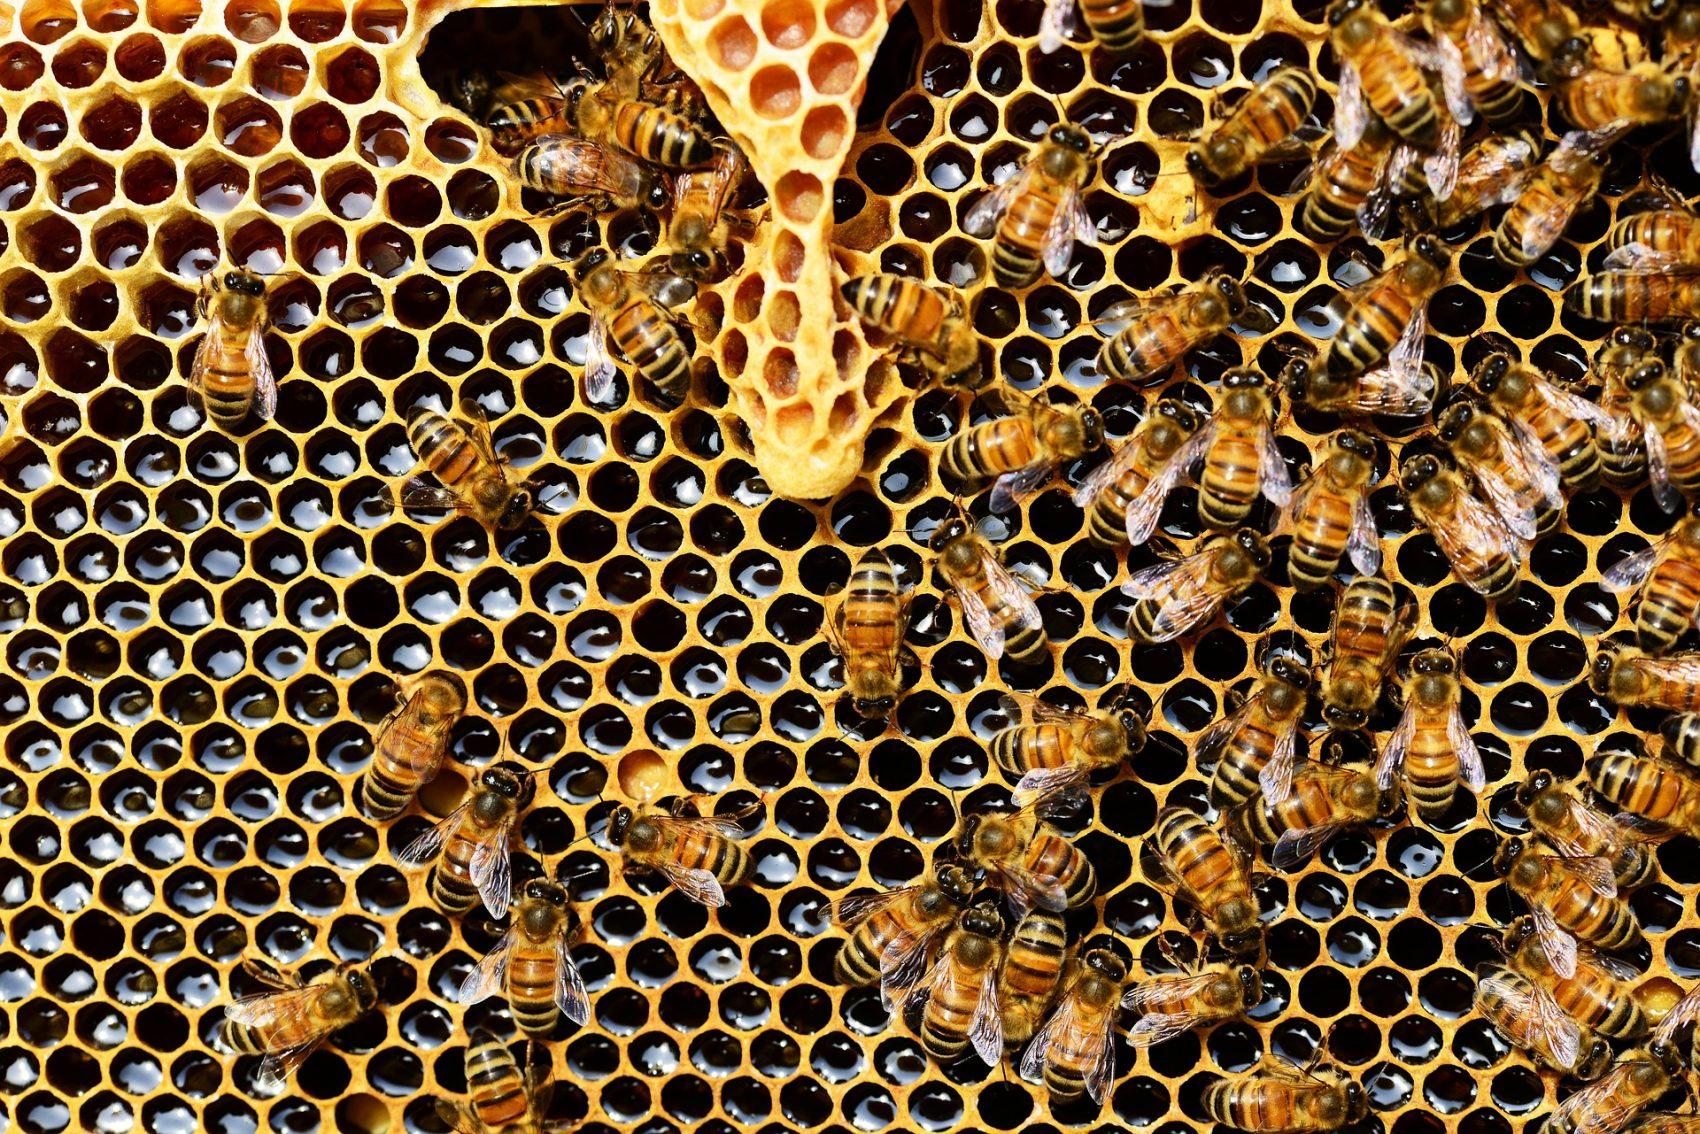 Abelhas em colmeia: pesquisa constatou que fungicida considerado inofensivo em combinação com outro agrotóxico alterou comportamento de operários e afetou toda a vida da colônia (Foto: Pixabay)